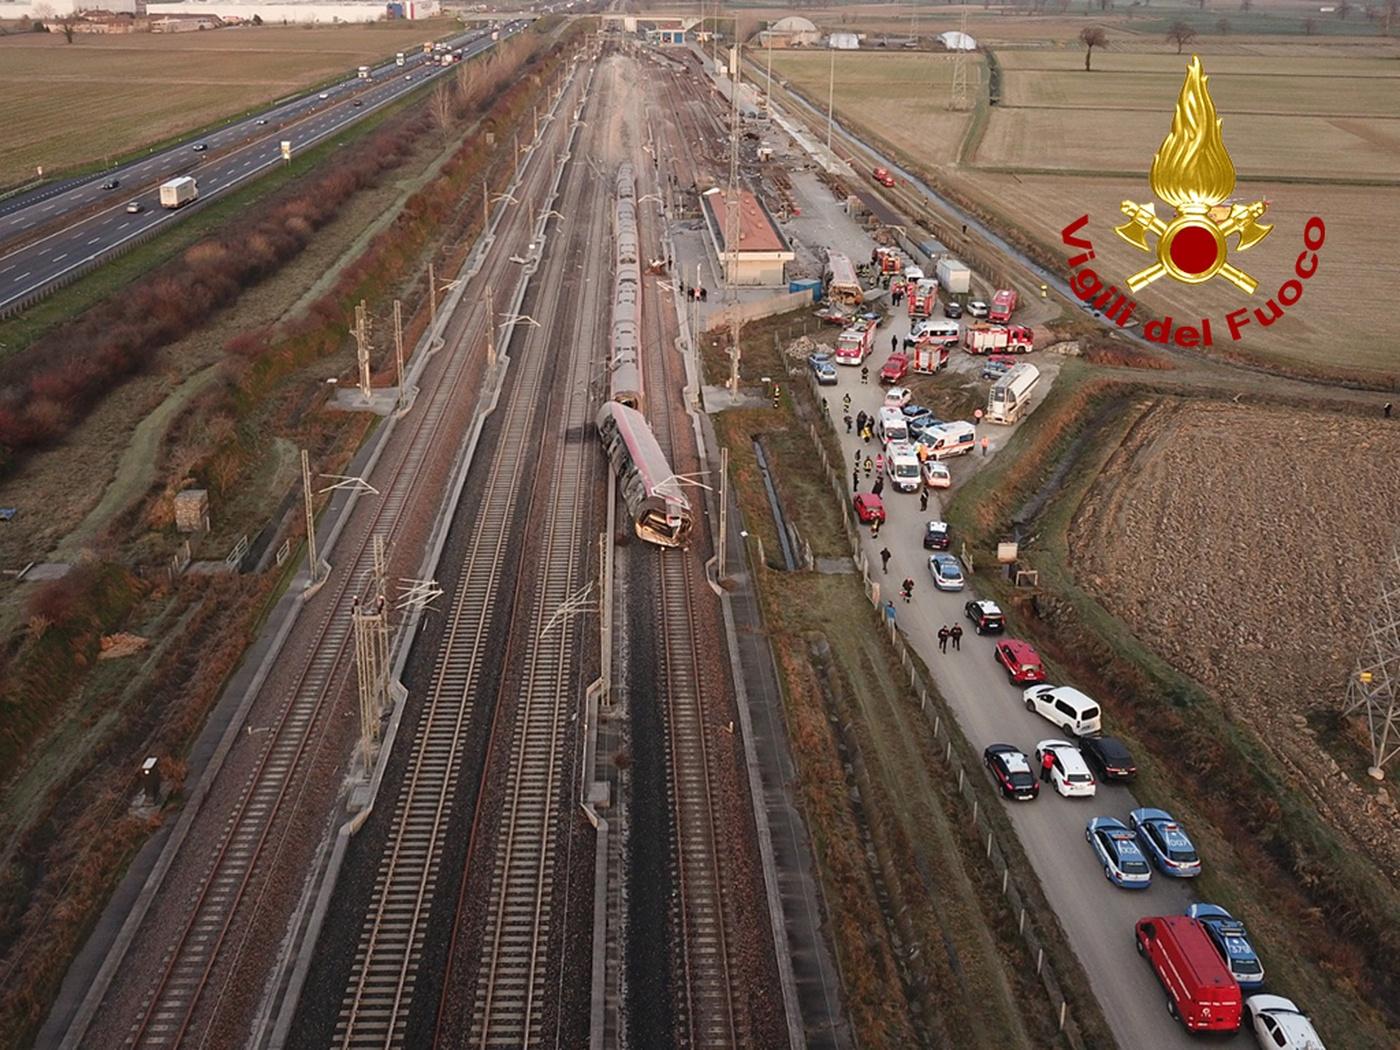 """Perché su alcuni treni l'incidente di Lodi è definito un """"inconveniente""""?"""